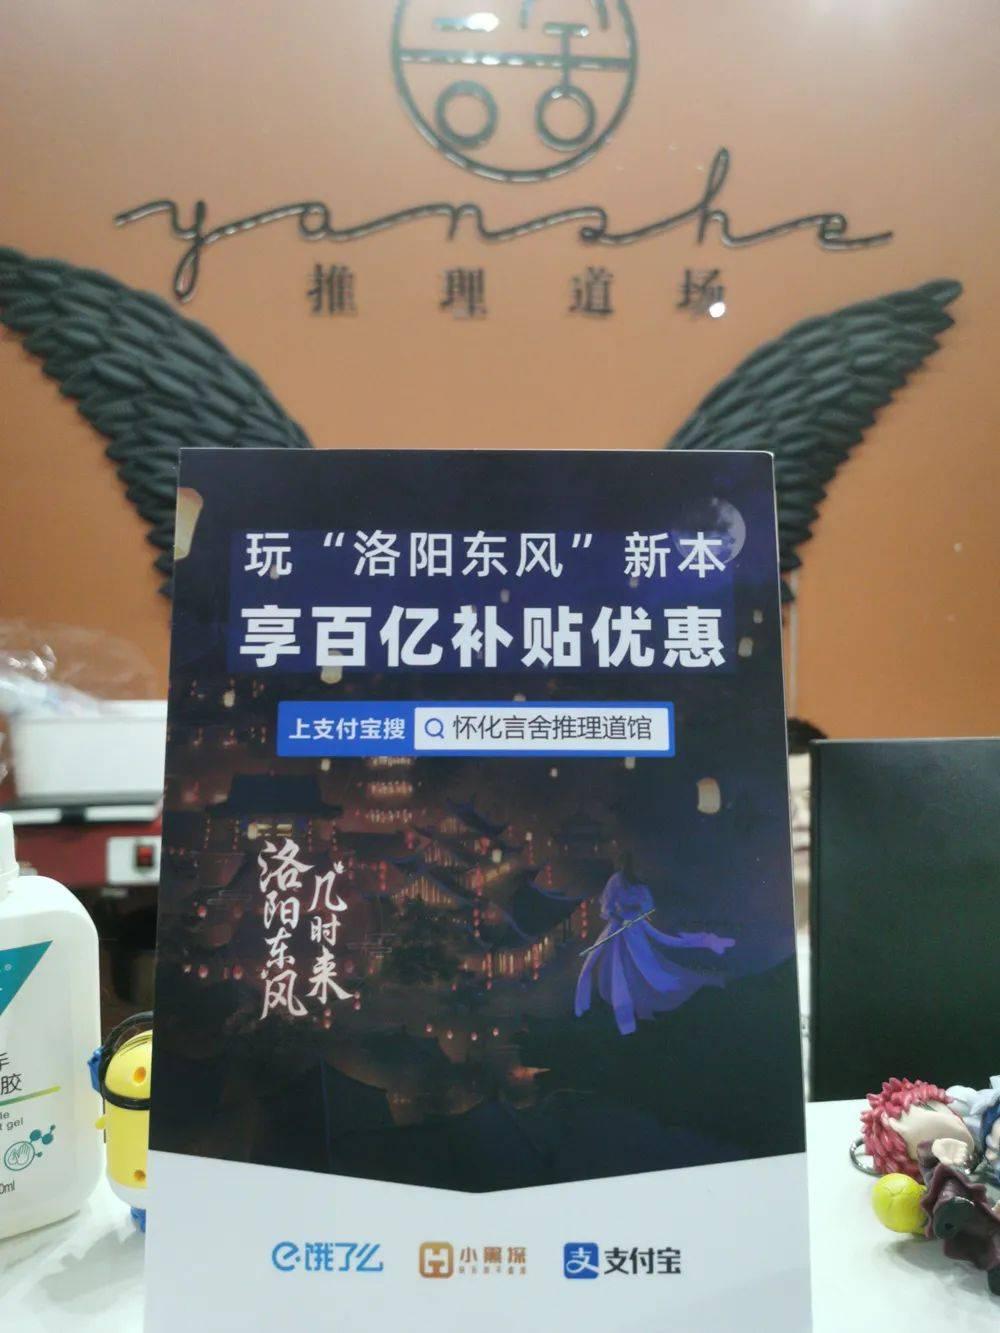 鸟哥笔记,广告创意,创意广告,广告投放策略,设计,支付宝